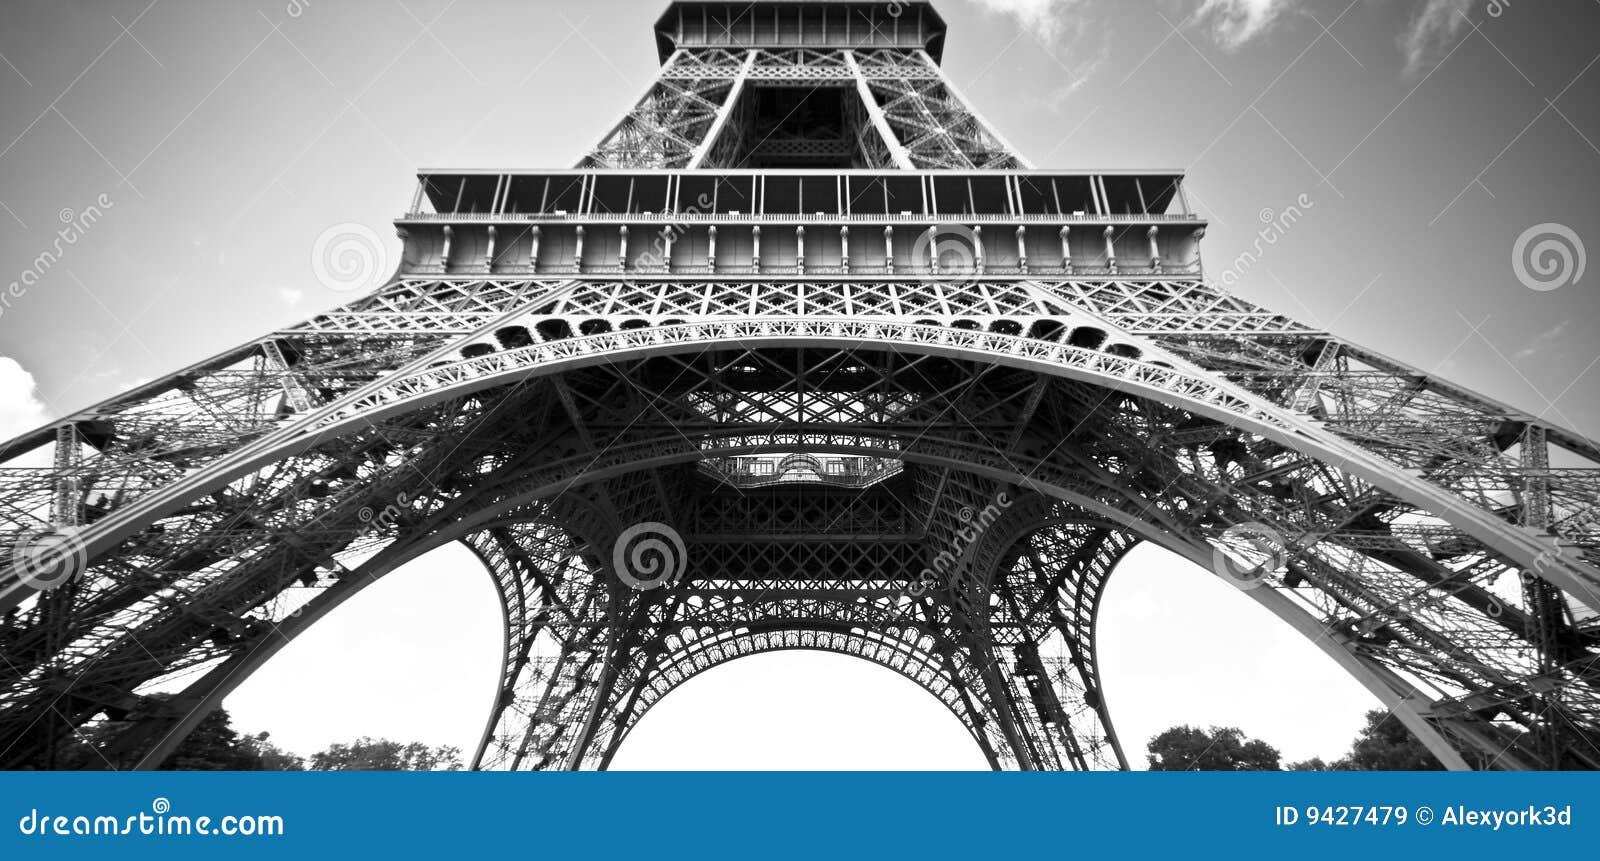 La torre Eiffel, París, durante el día